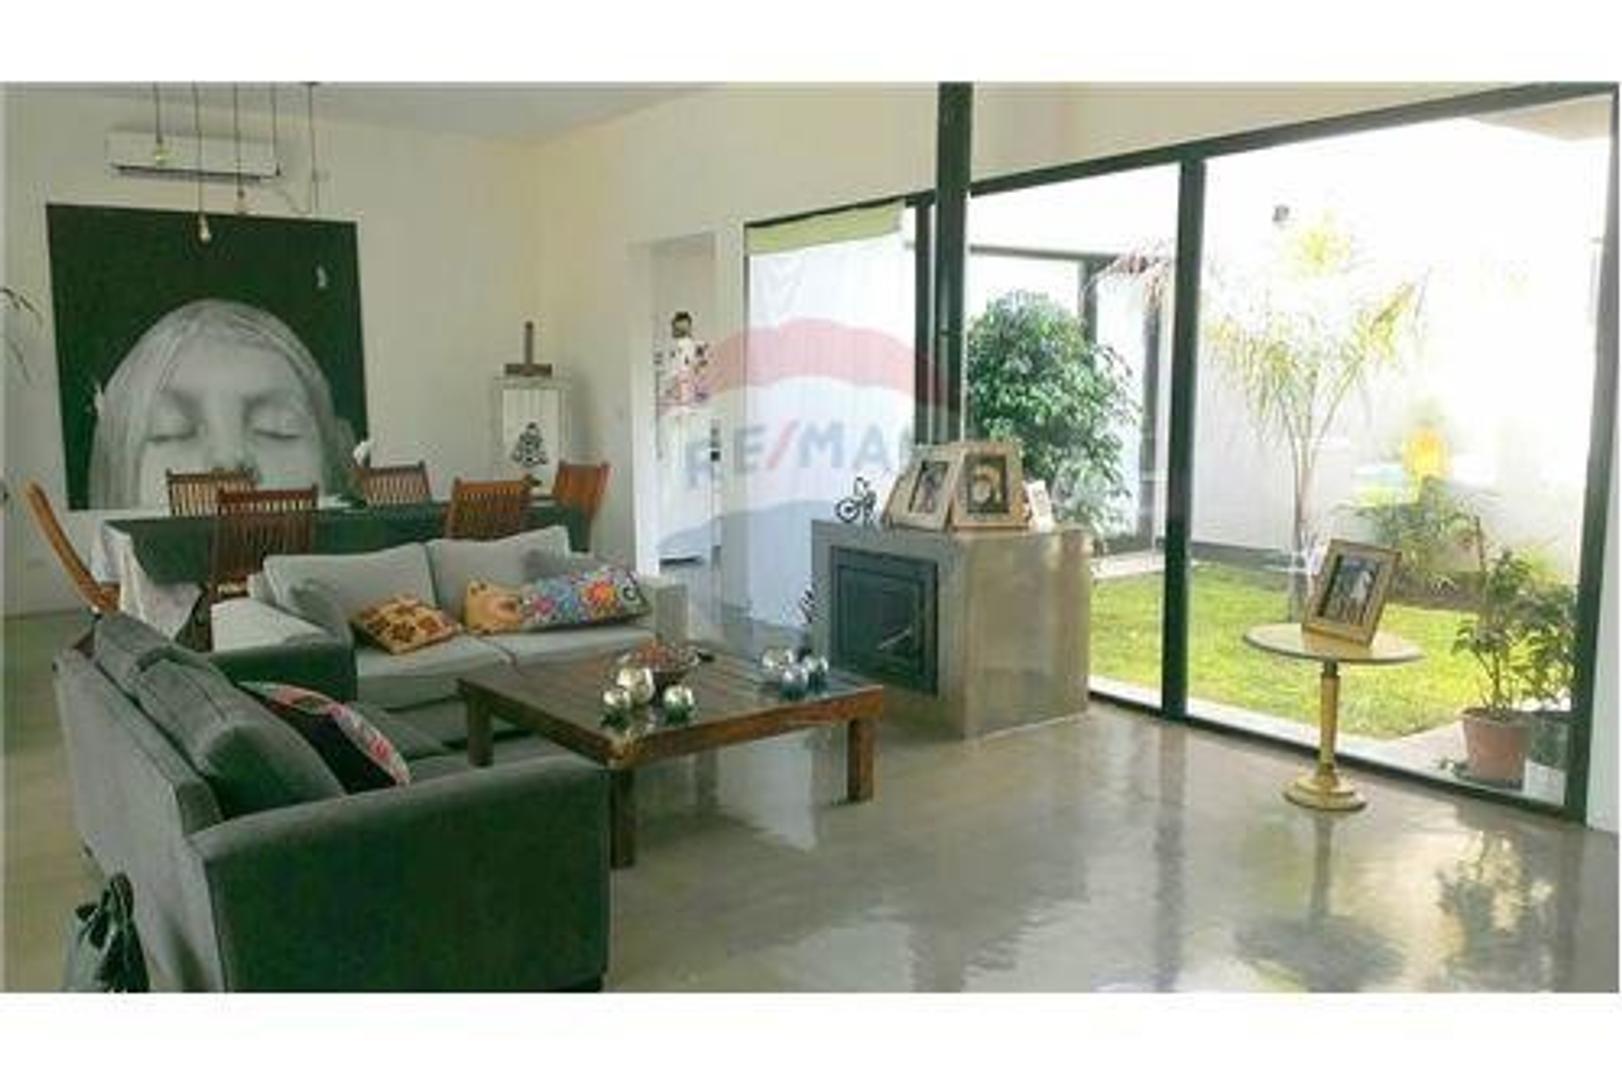 Casa en Venta en Haras Santa Maria - 4 ambientes